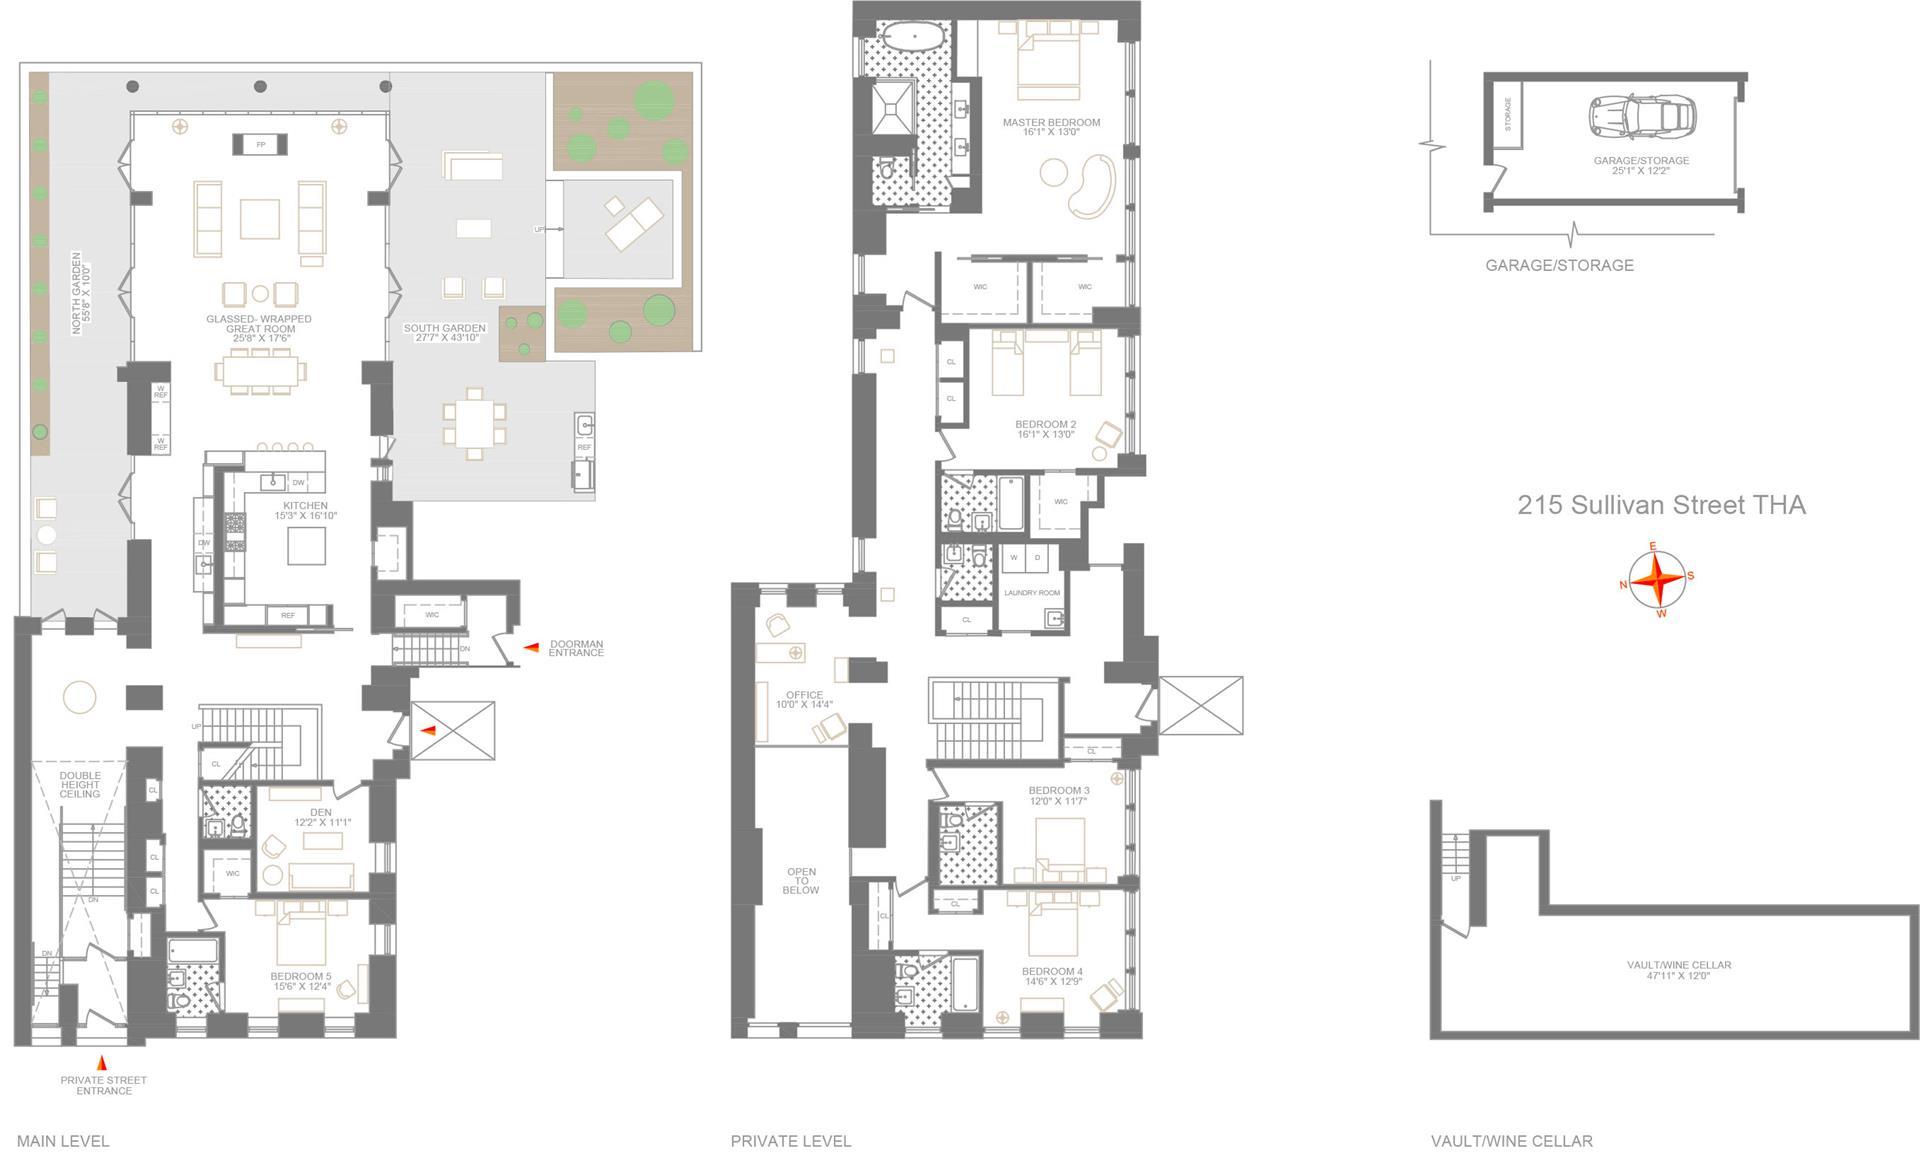 Floor plan of 215 Sullivan St, THA - Greenwich Village, New York